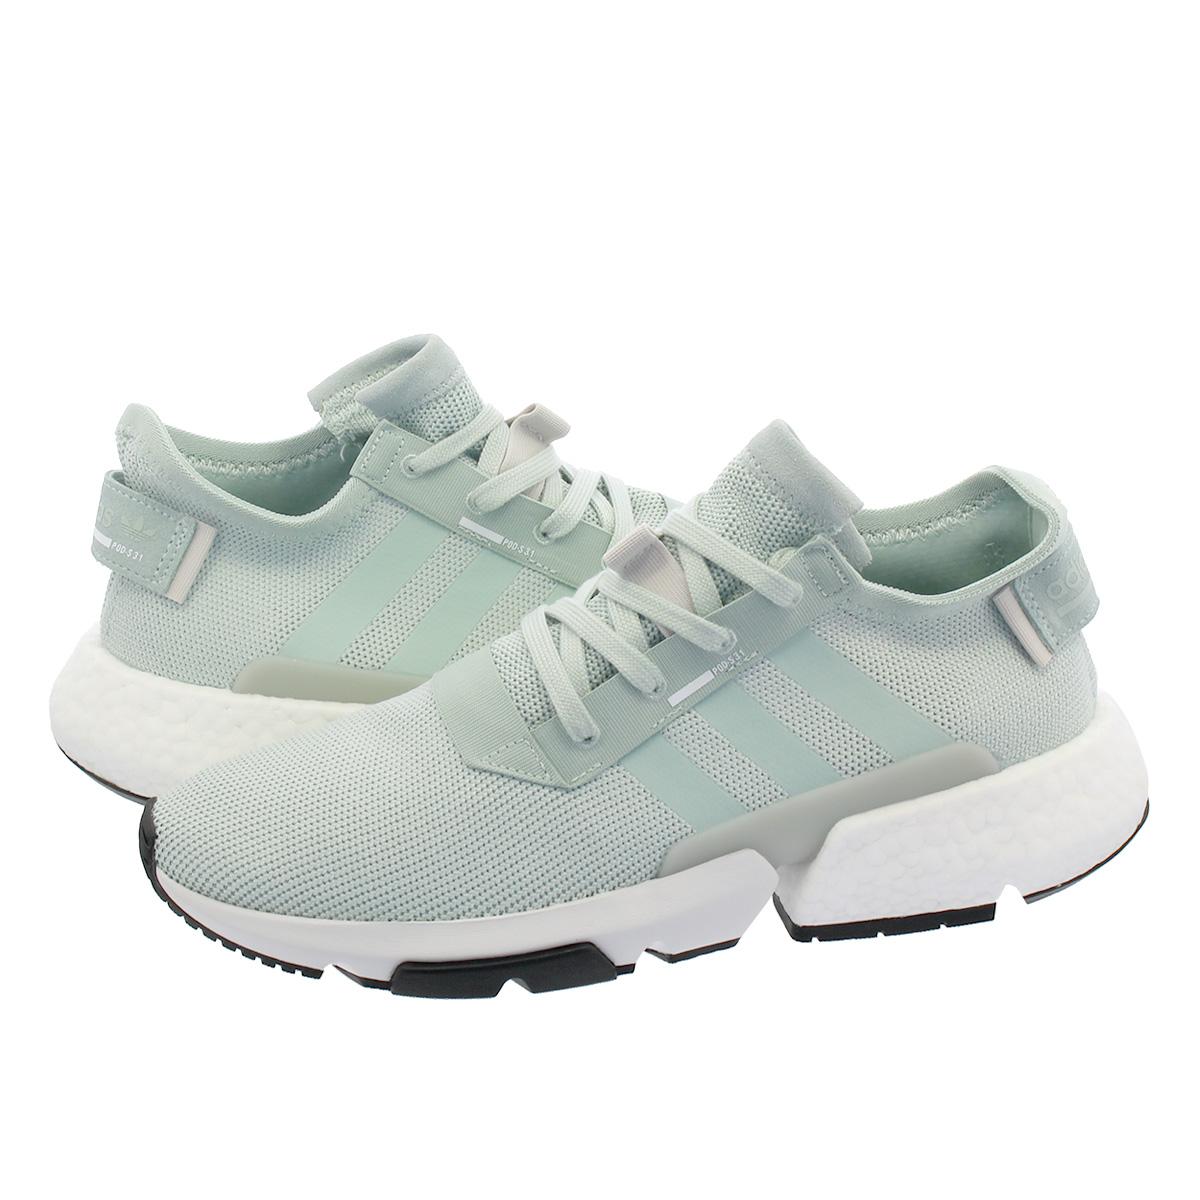 adidas POD-S3.1 Adidas POD-S3.1 VAPOR GREEN VAPOR GREEN GREY ONE b37368 d2e07809c